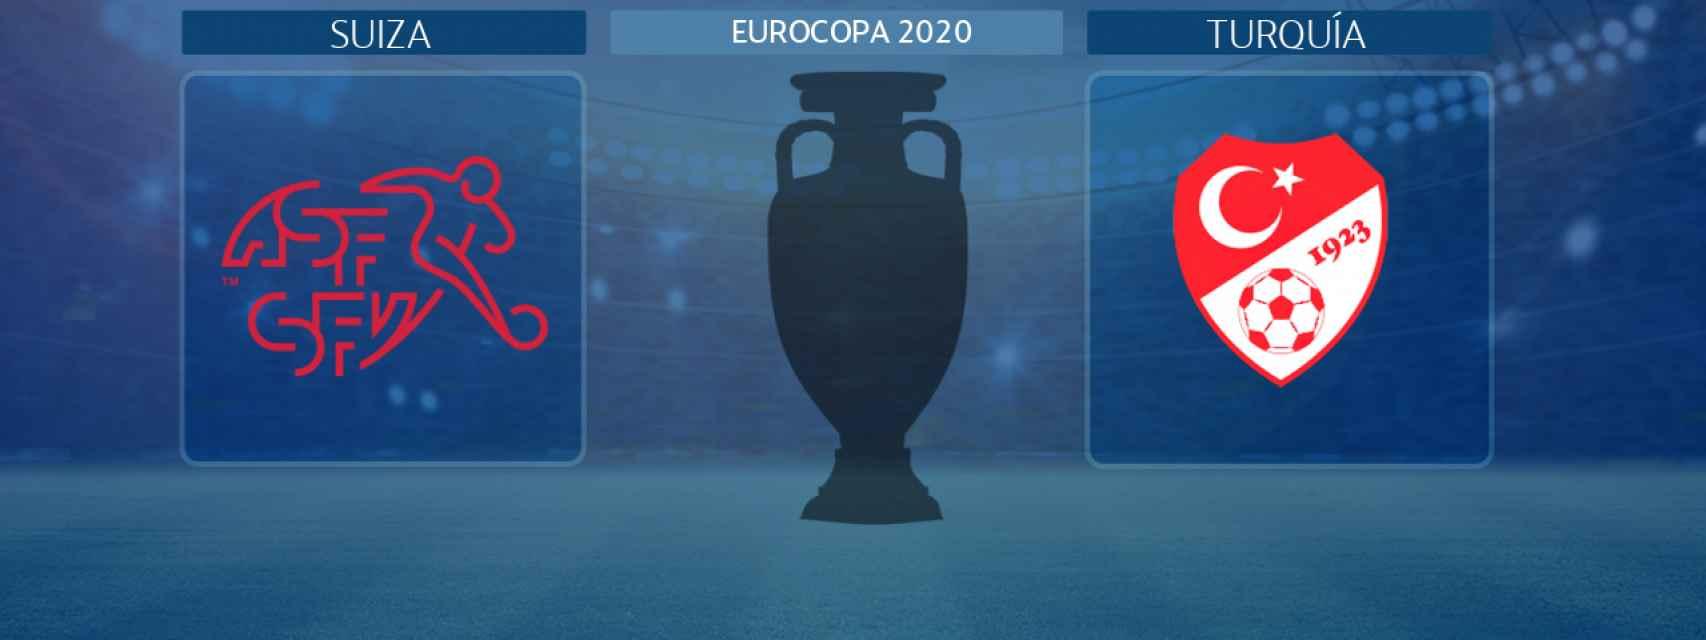 Suiza - Turquía, partido de la Eurocopa 2020